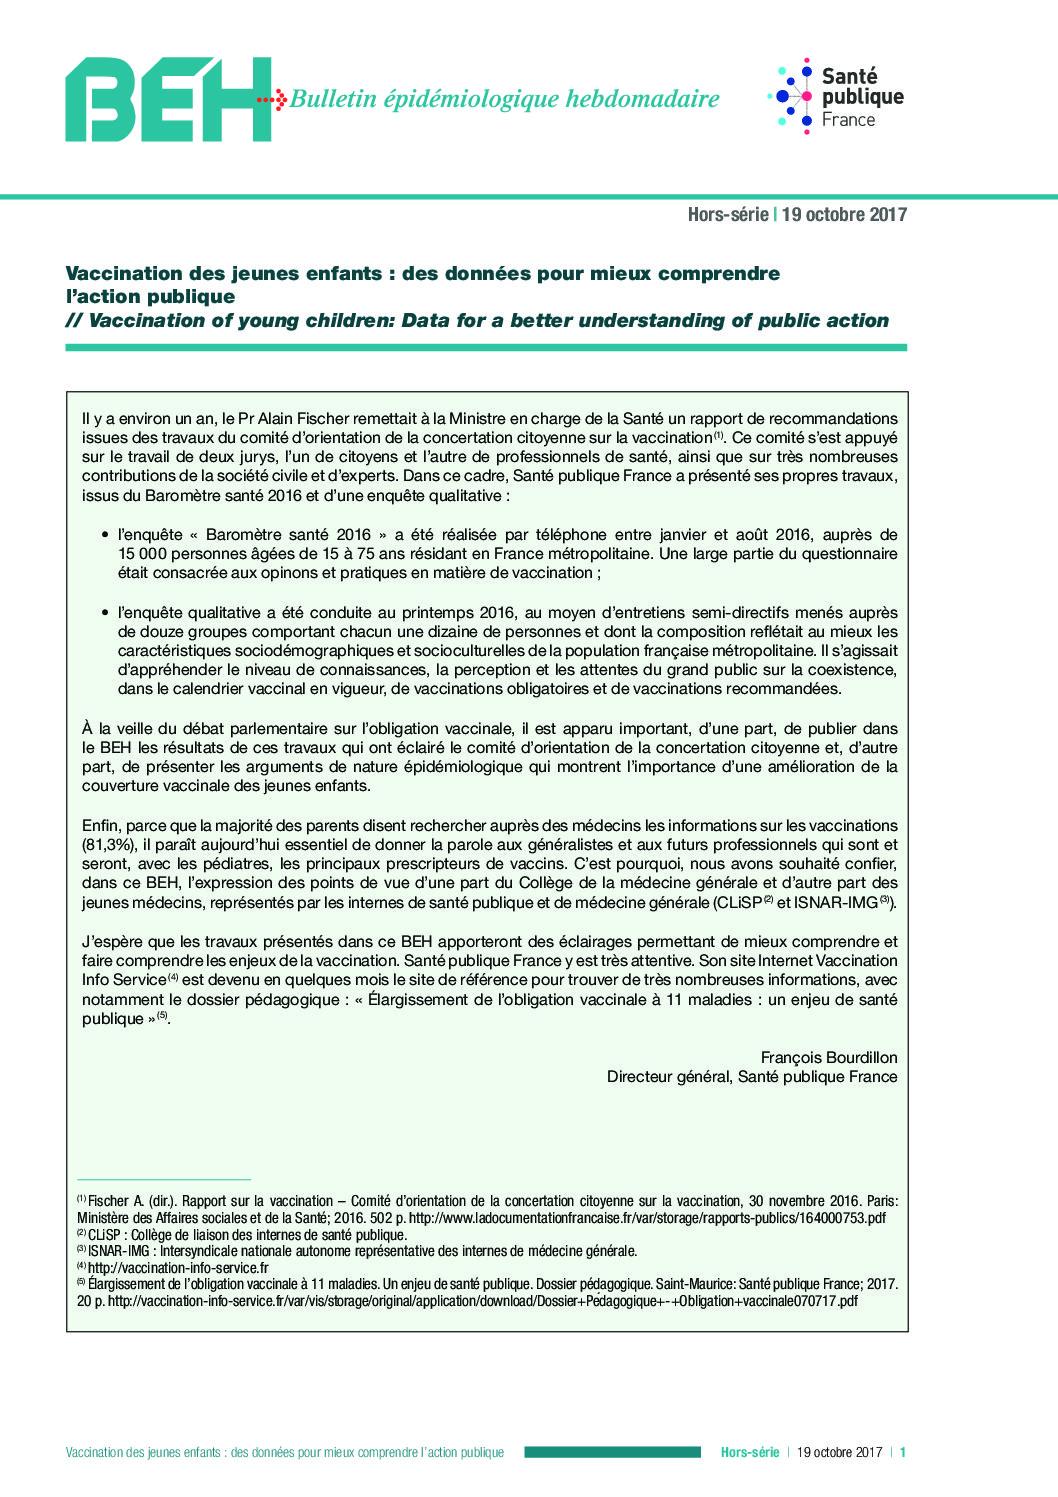 Obligation vaccinale : résultats d'une étude qualitative sur les connaissances et perceptions de la population générale en France.